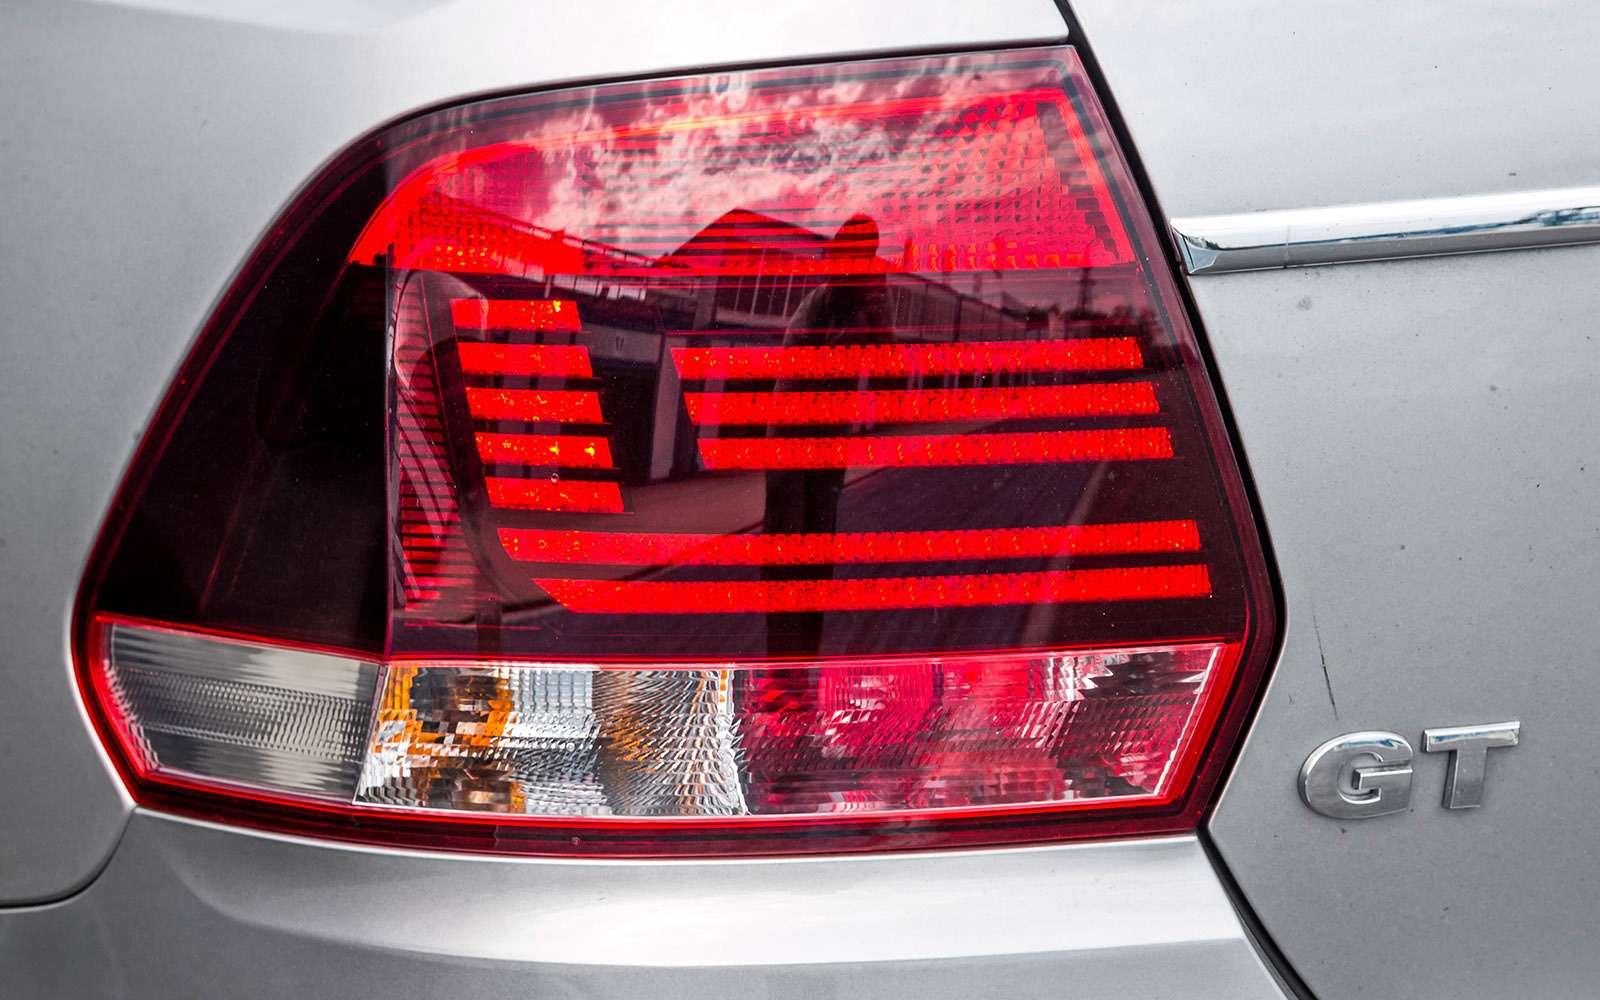 VWPolo GTпротив конкурентов: тест на«Смоленском кольце»— фото 644250